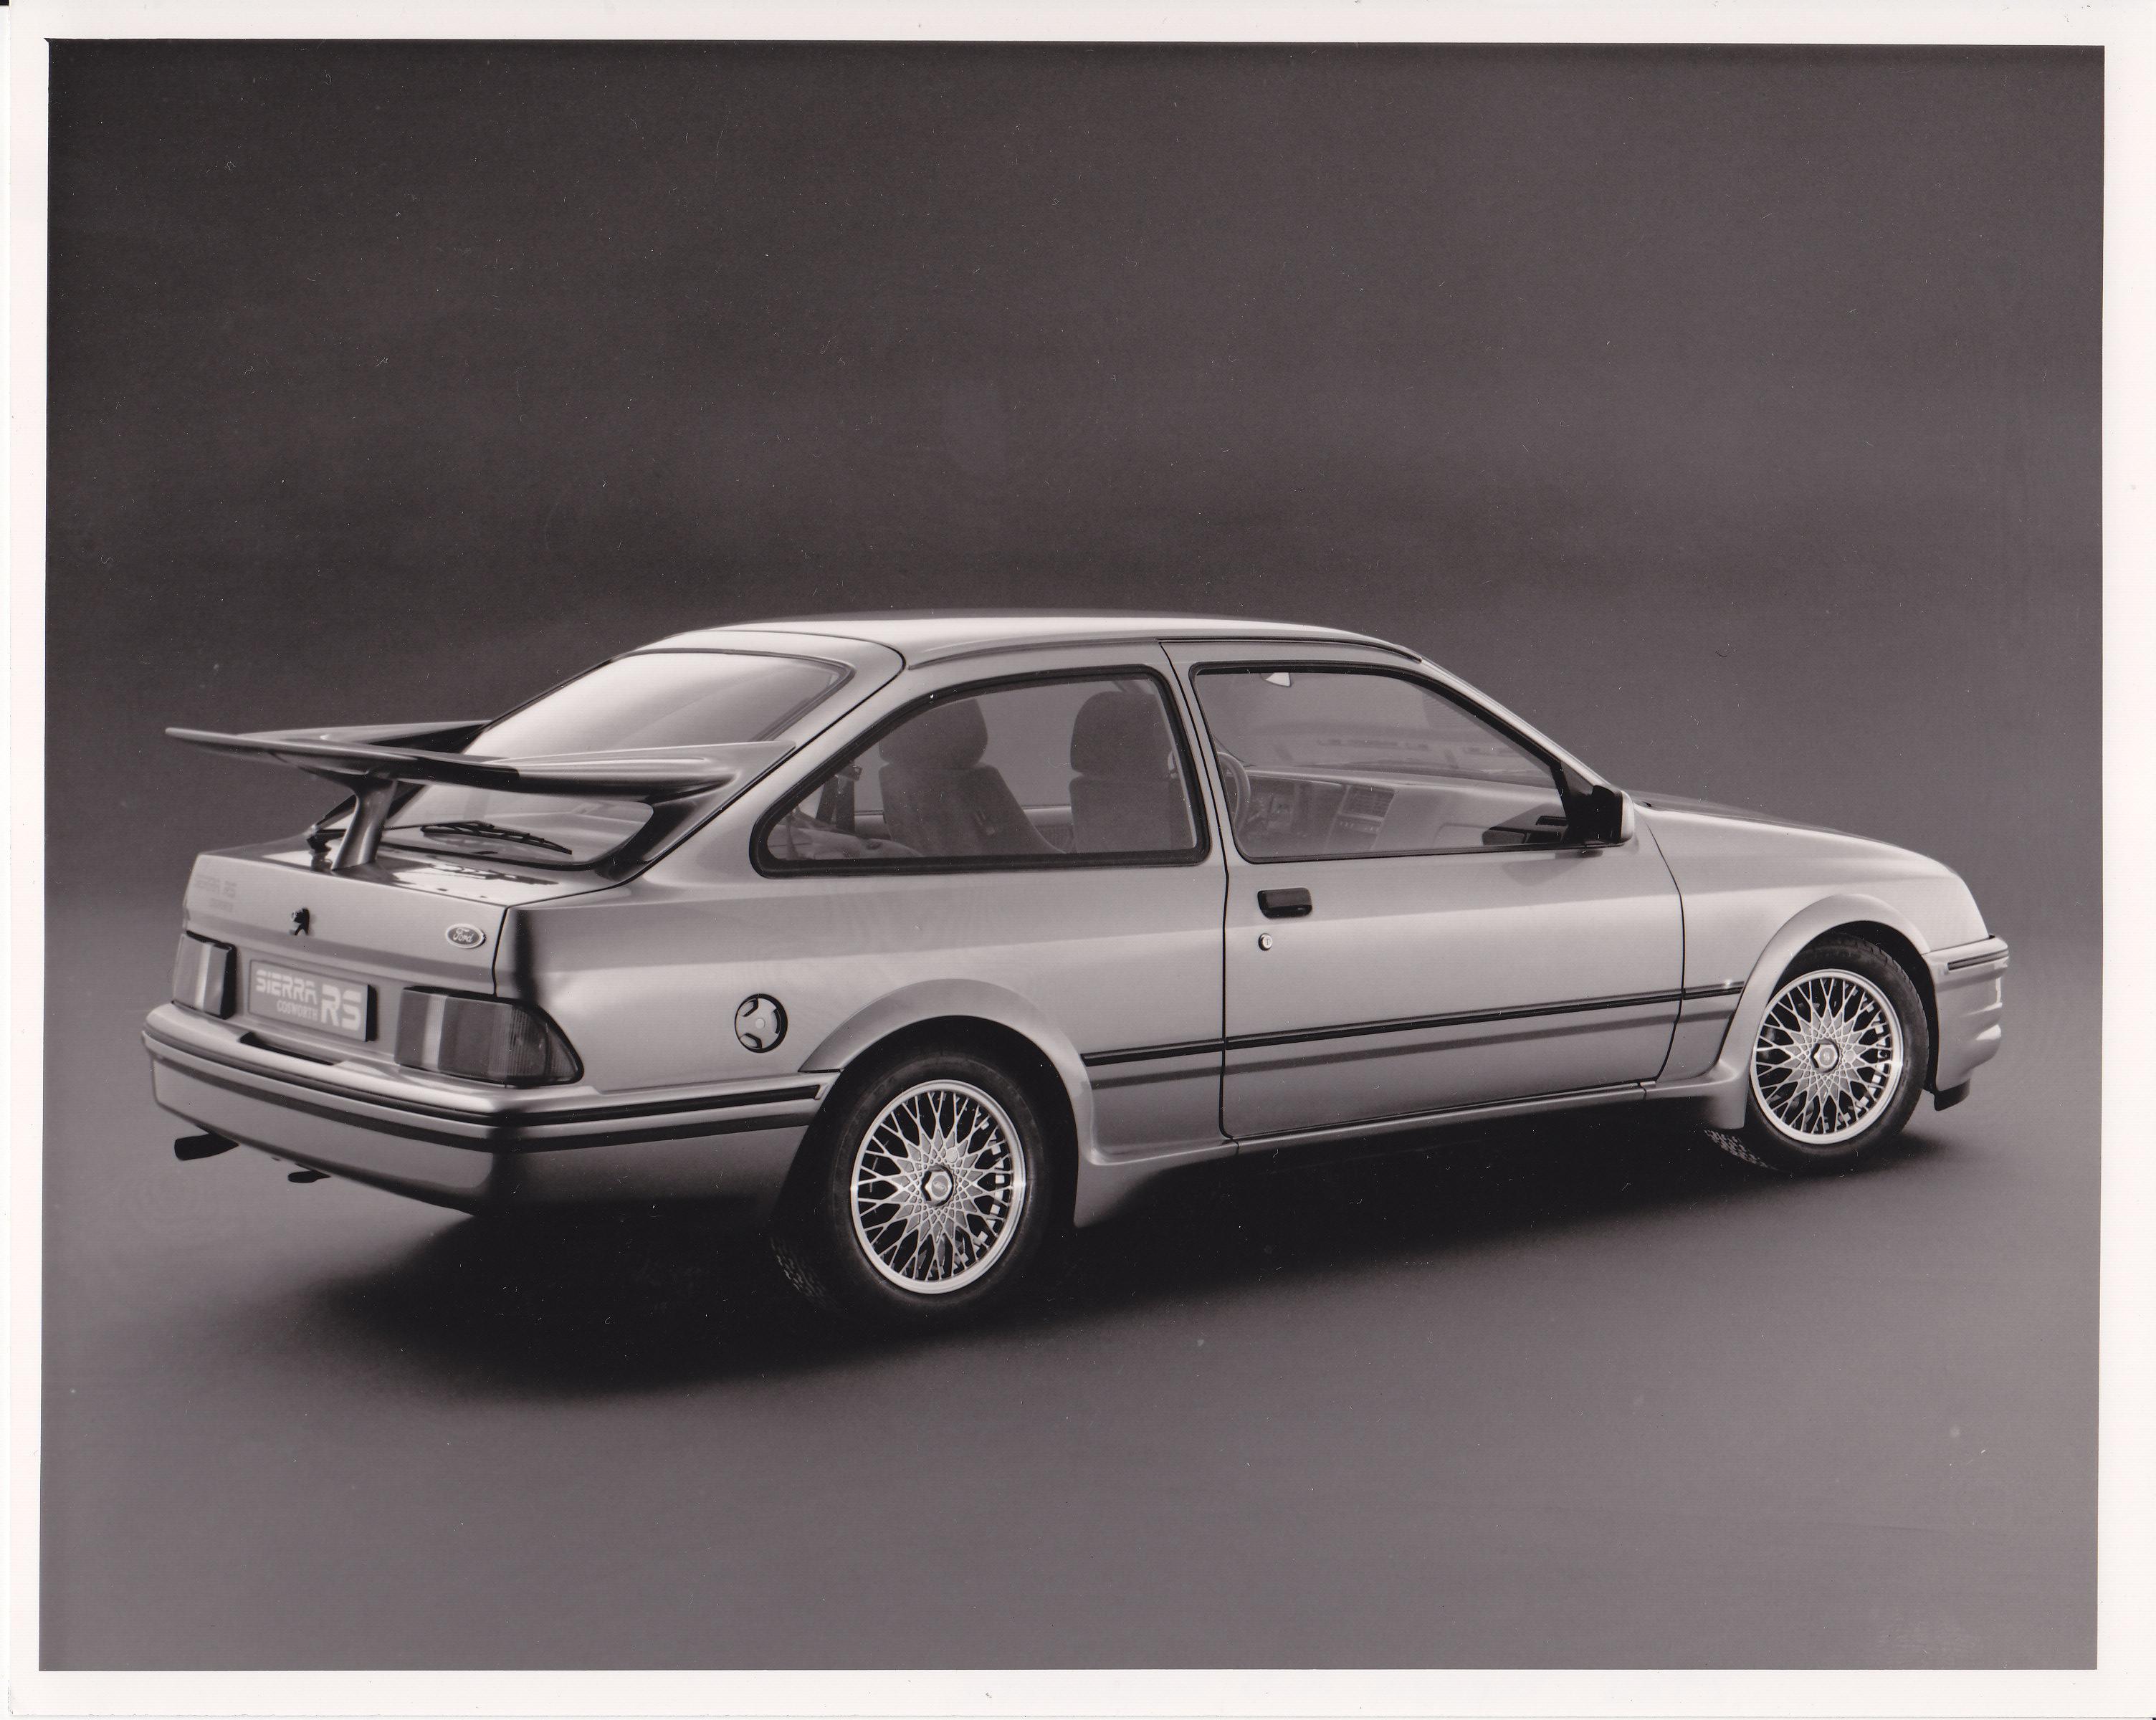 Conoce la historia del Ford Sierra RS Cosworth de 1985